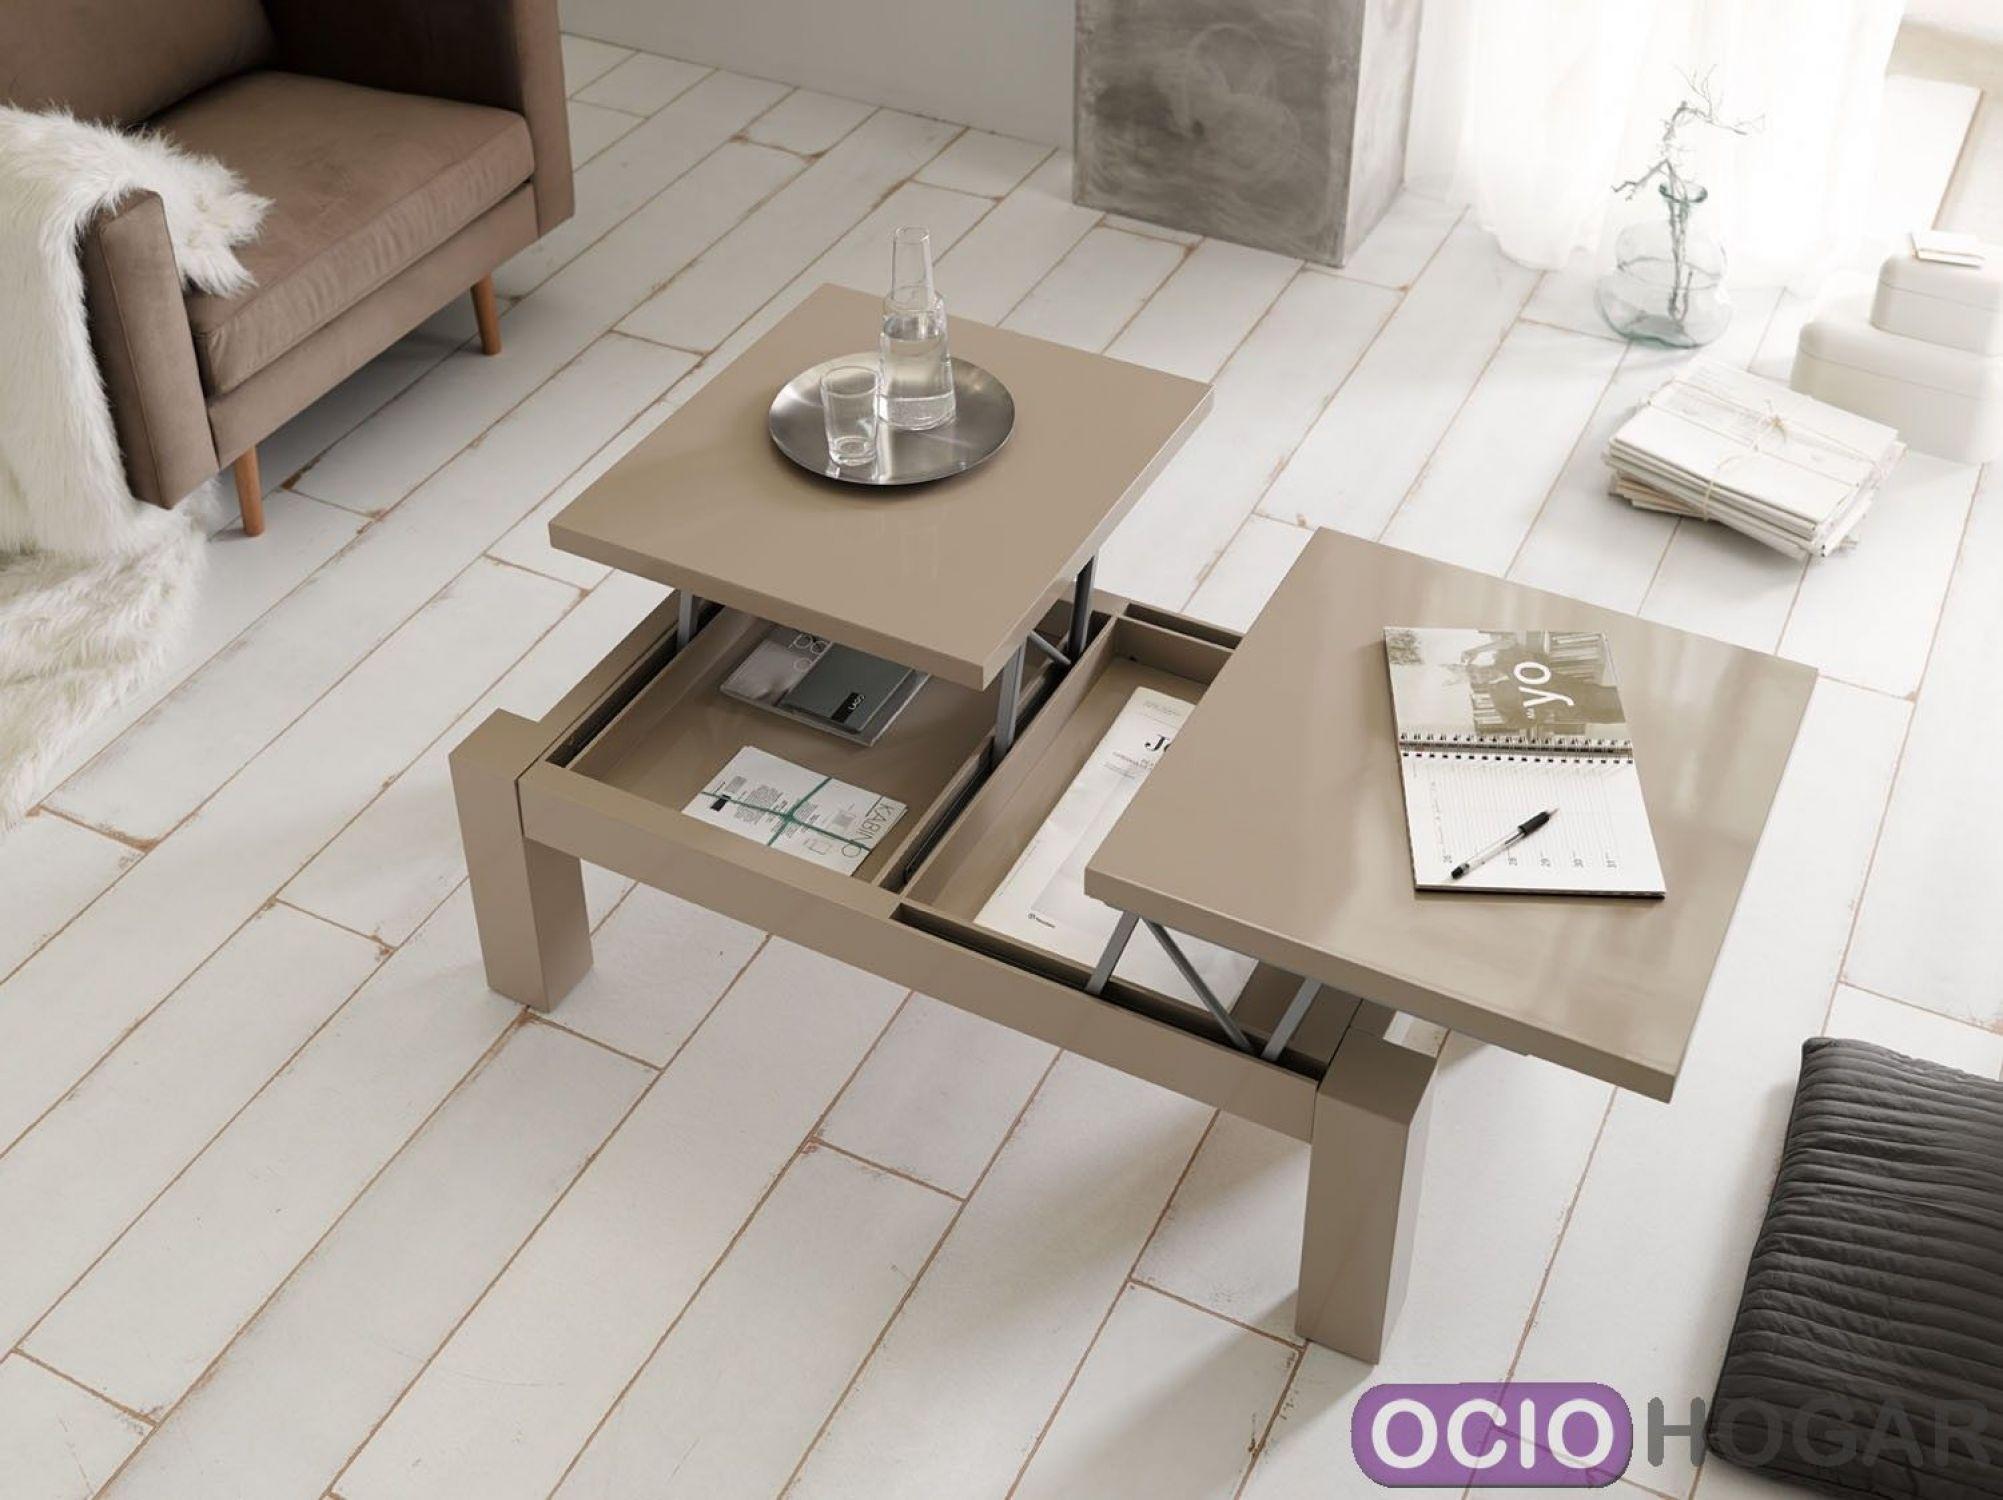 Mesa de centro elevable selene de dissery - Table basse avec tablette relevable ...